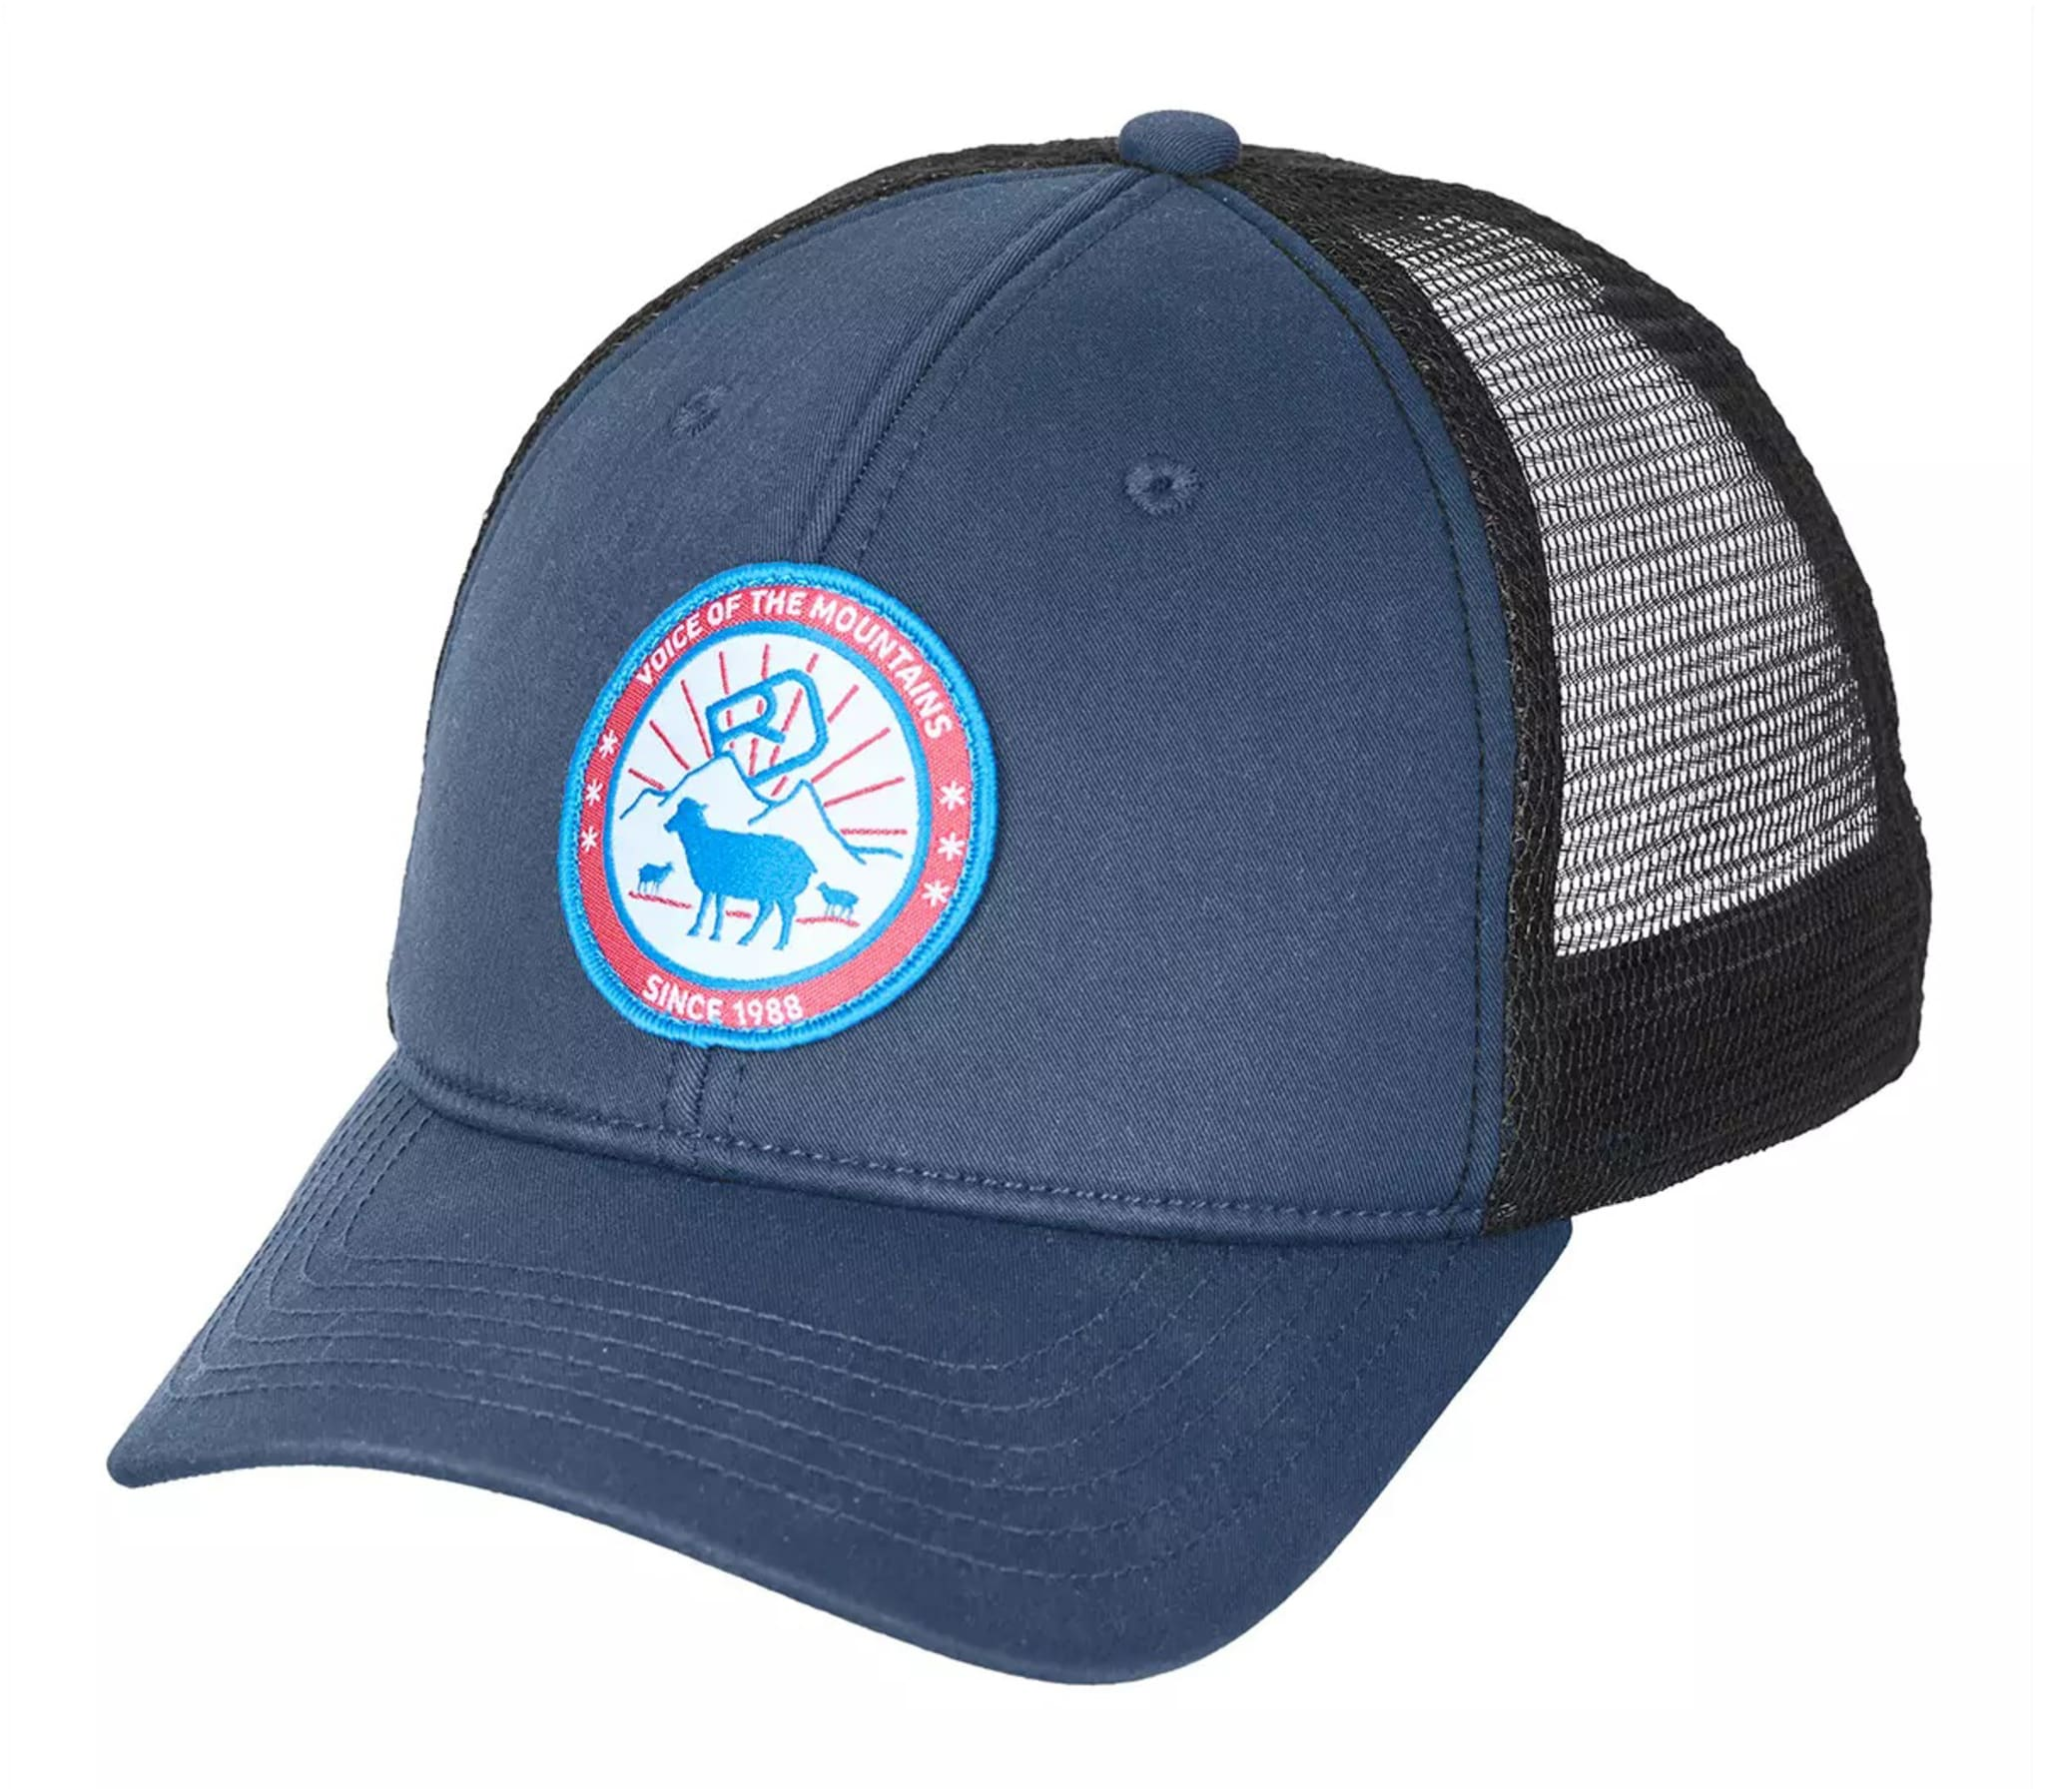 Stay in Sheep Trucker Cap